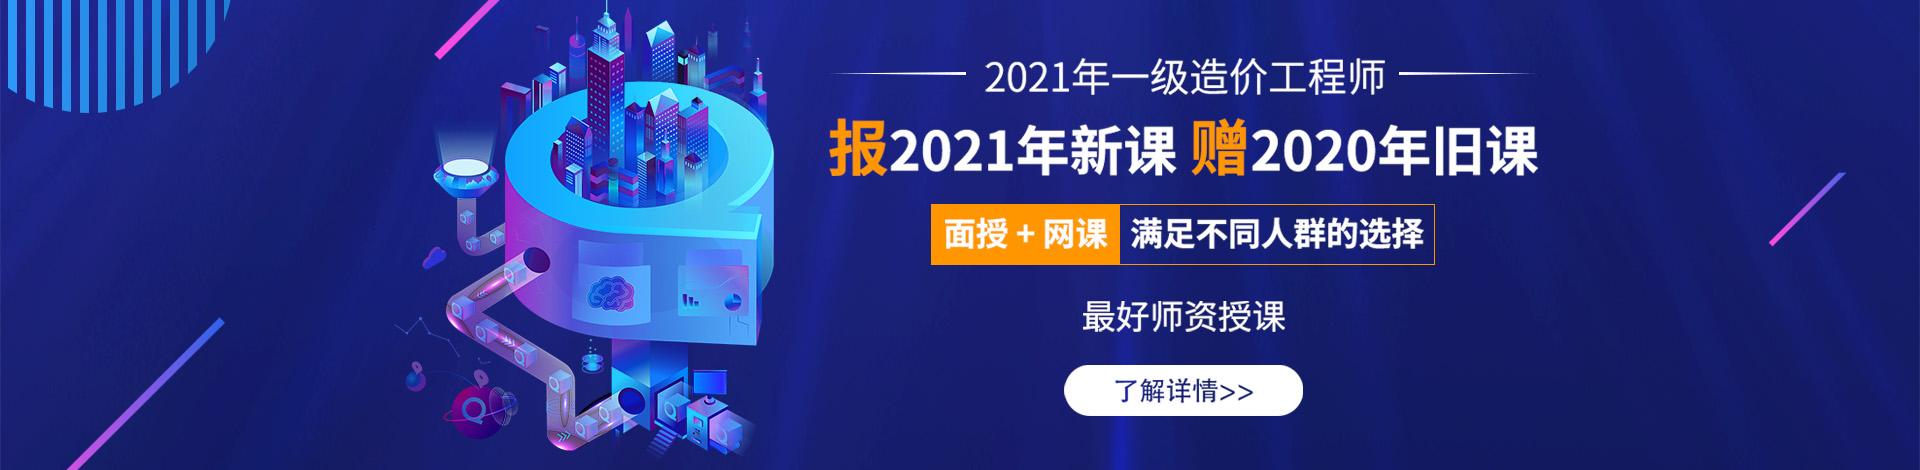 2021年一级造价工程师初期备考,新手要牢记三点